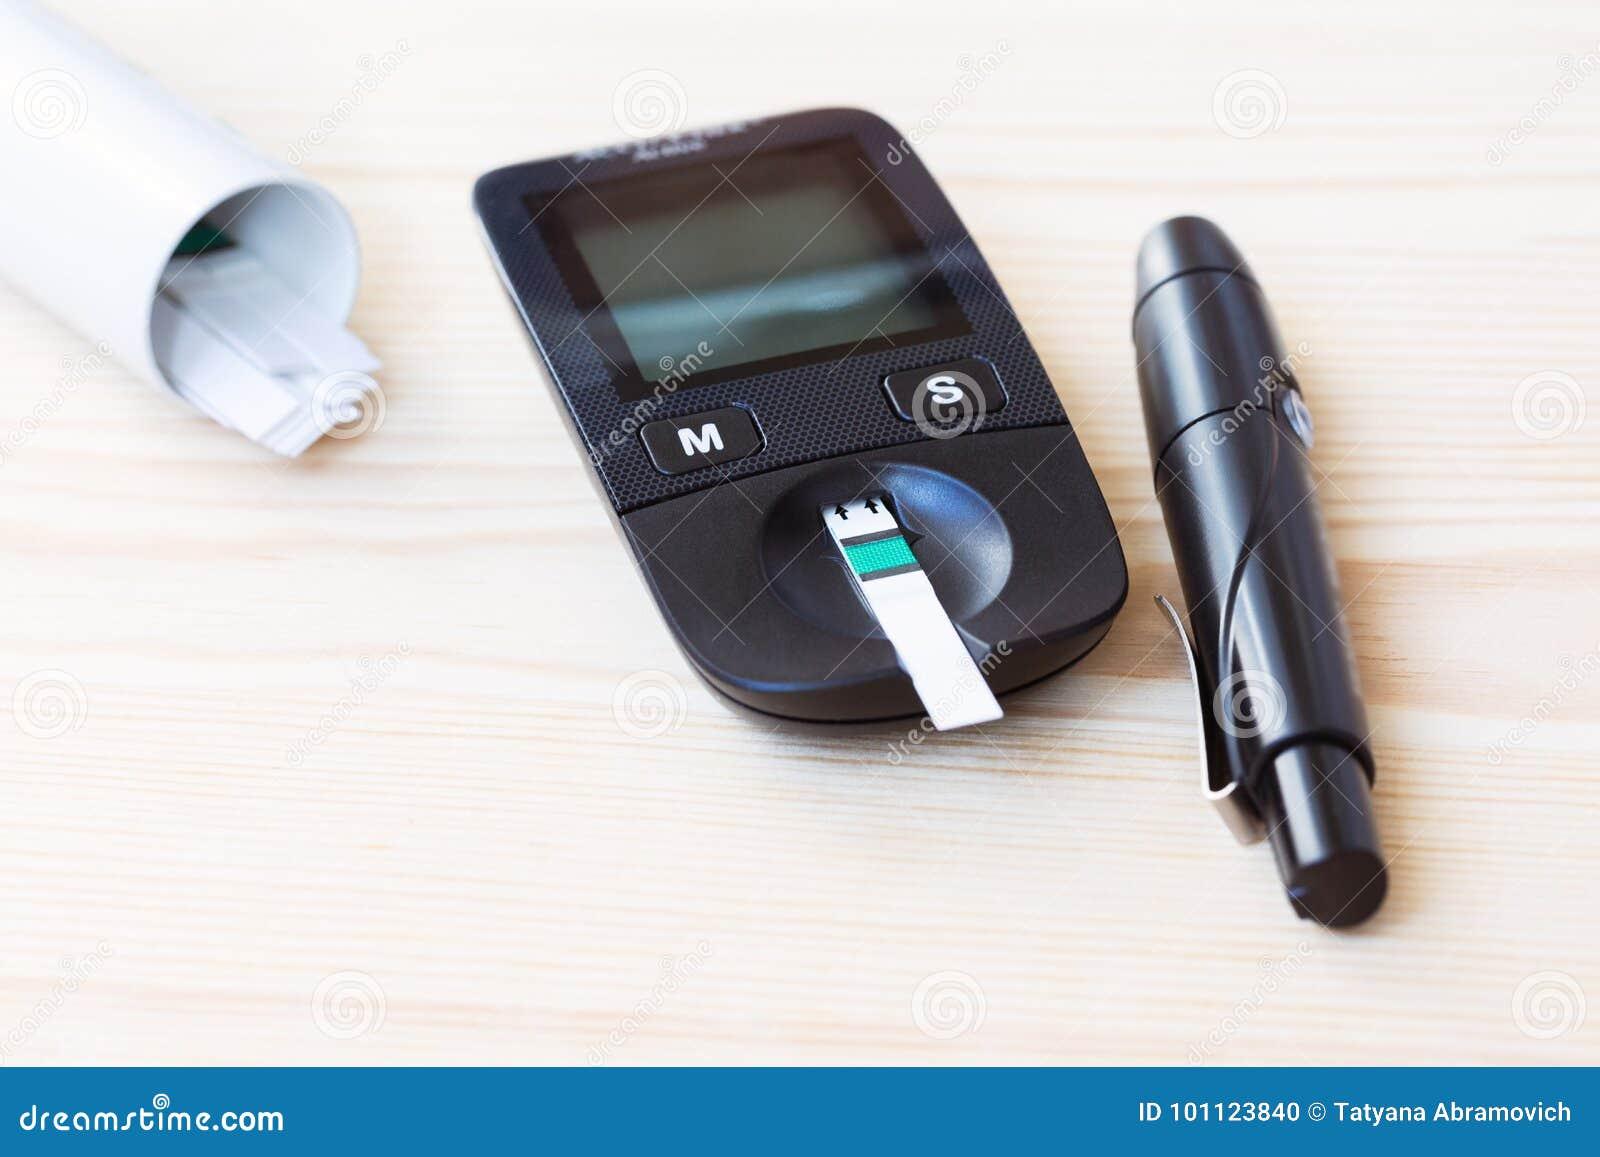 Vastgestelde glucometer en spuit met de Stroken van de Diabetesindicator voor Bloedglucose het Testen op houten achtergrond